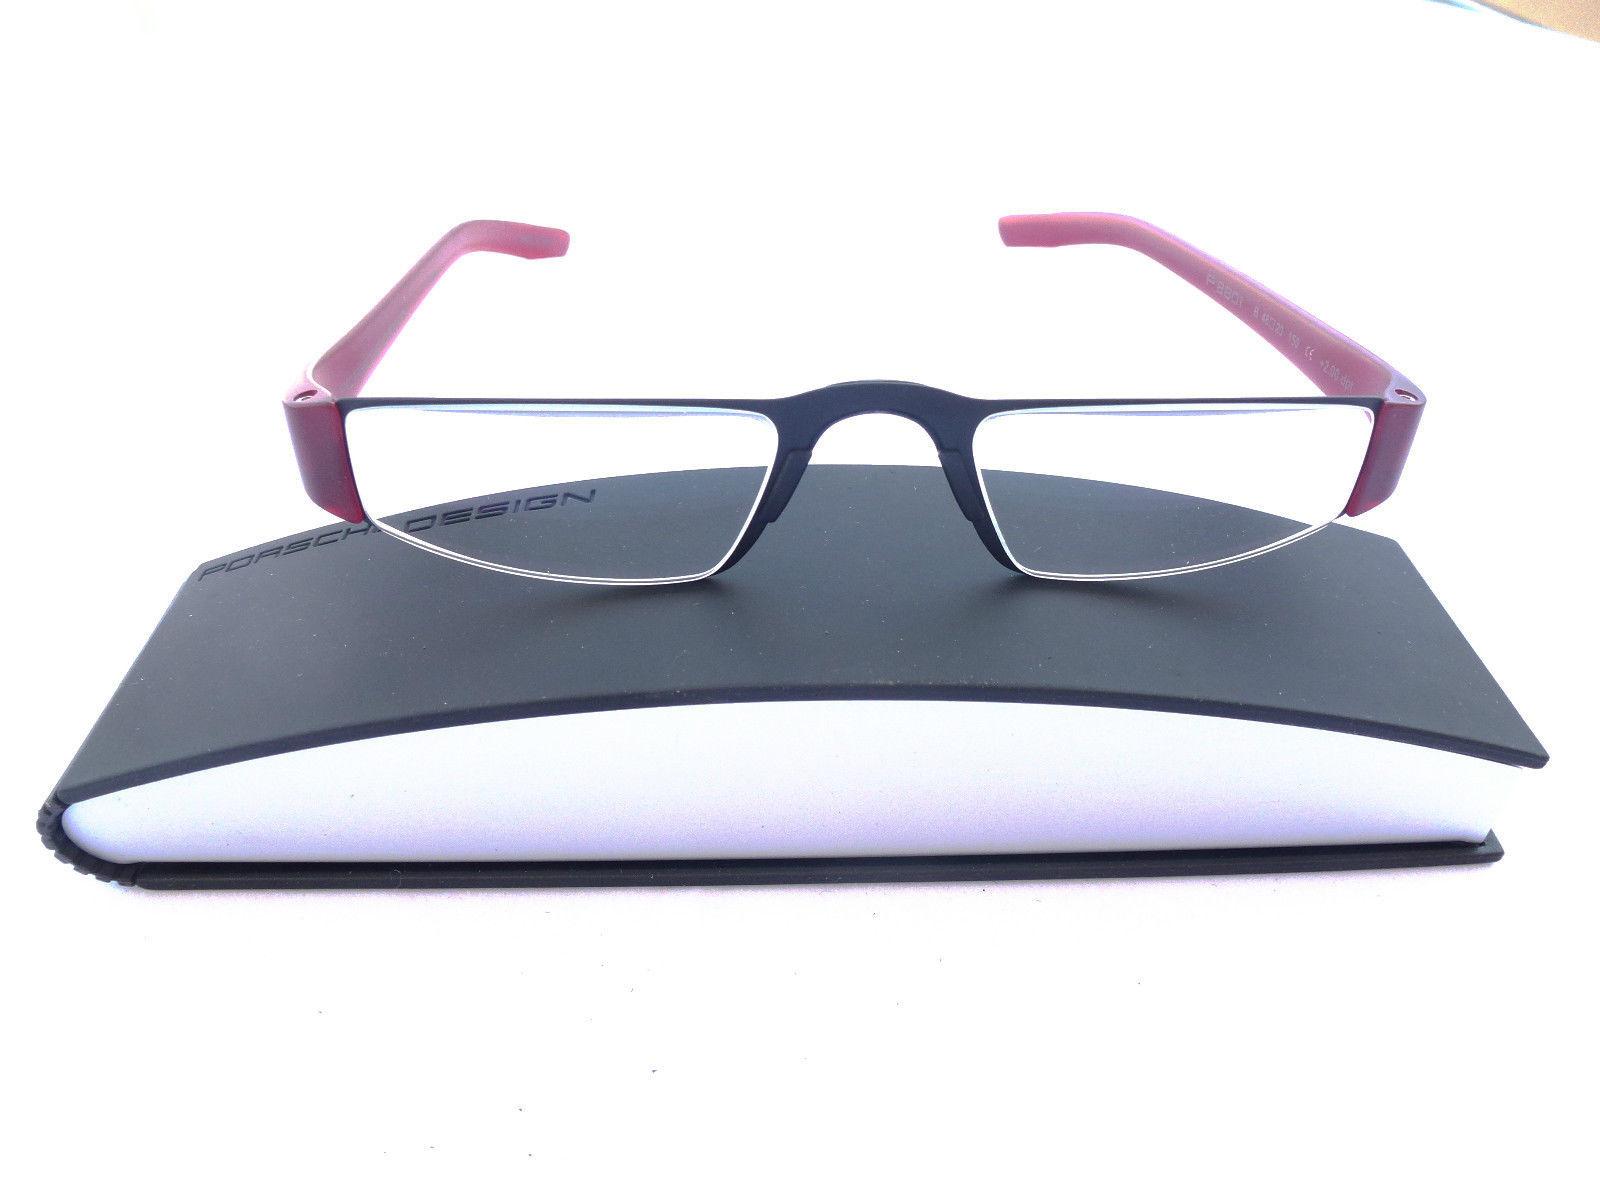 Used Porsche Design Sunglasses For Sale 35 Ads In Us